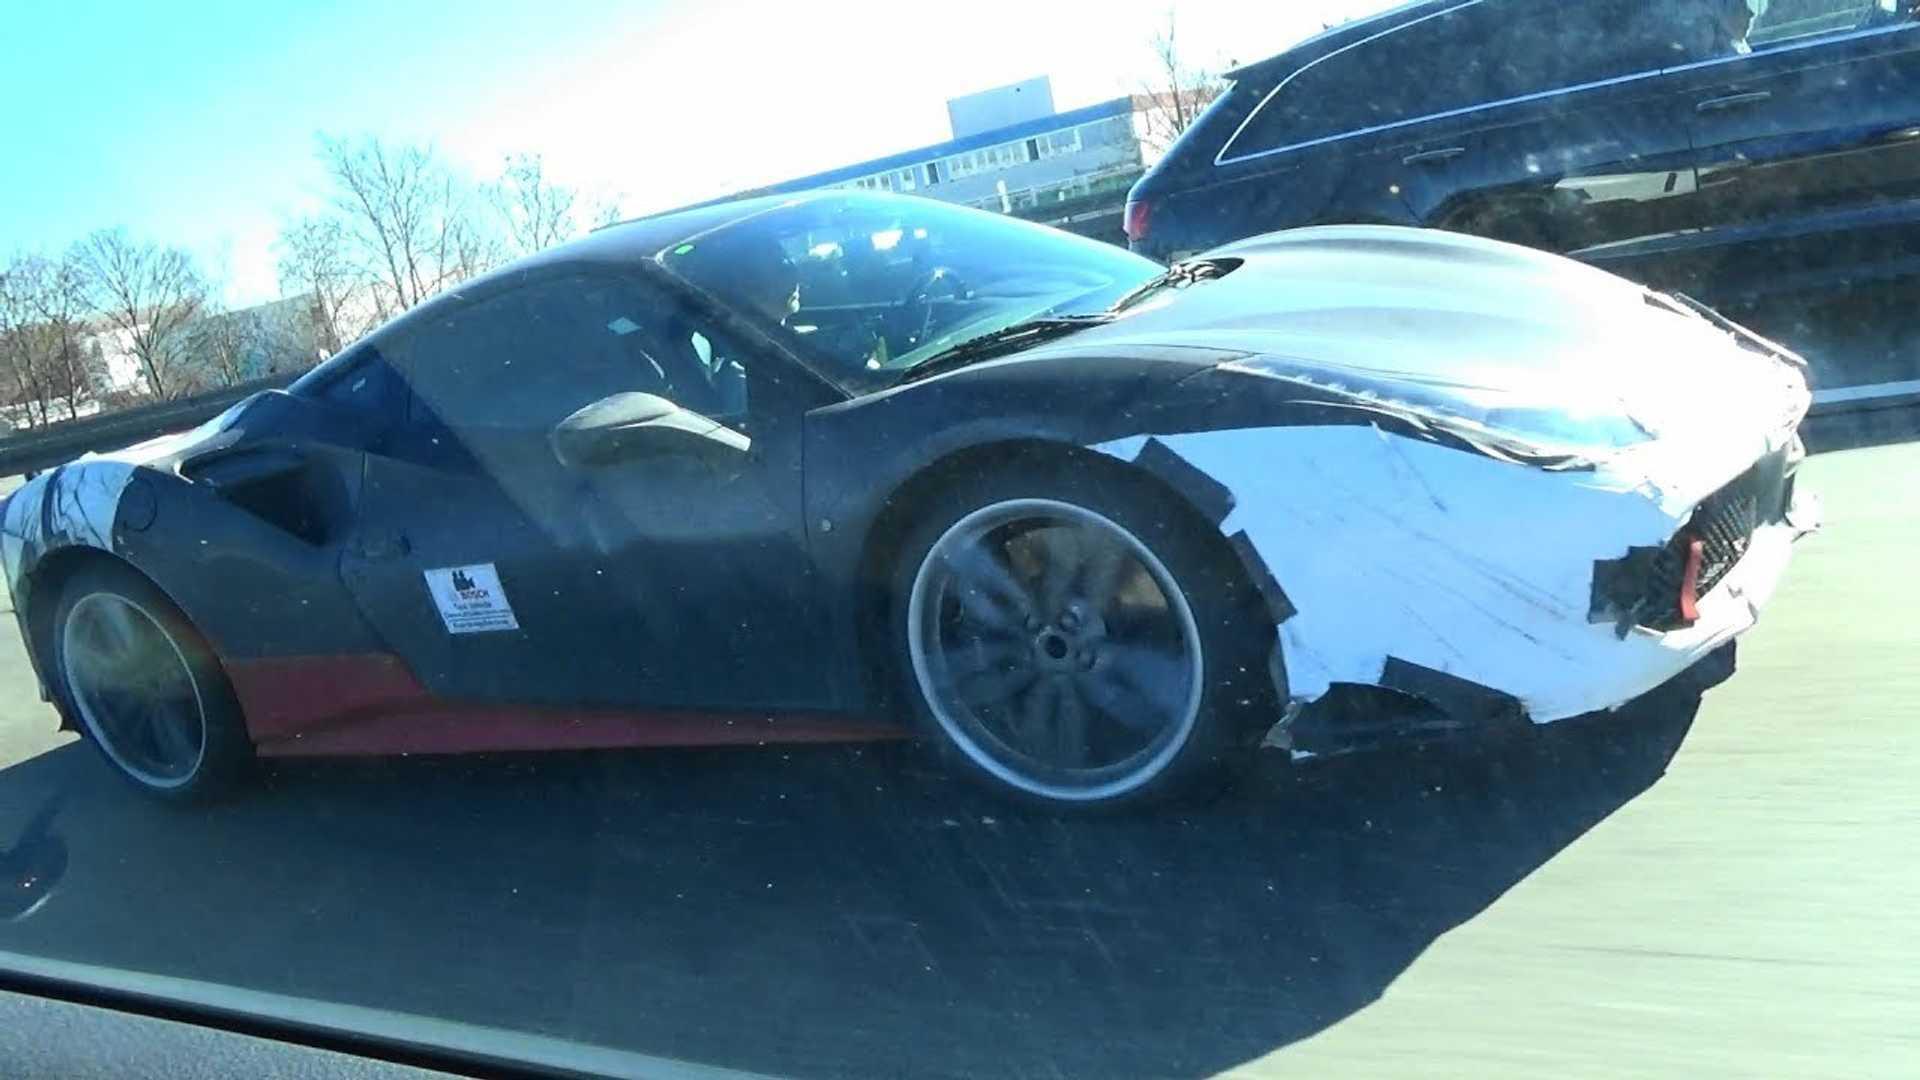 Гибридный суперкар Ferrari может получить сразу 4 двигателя 1